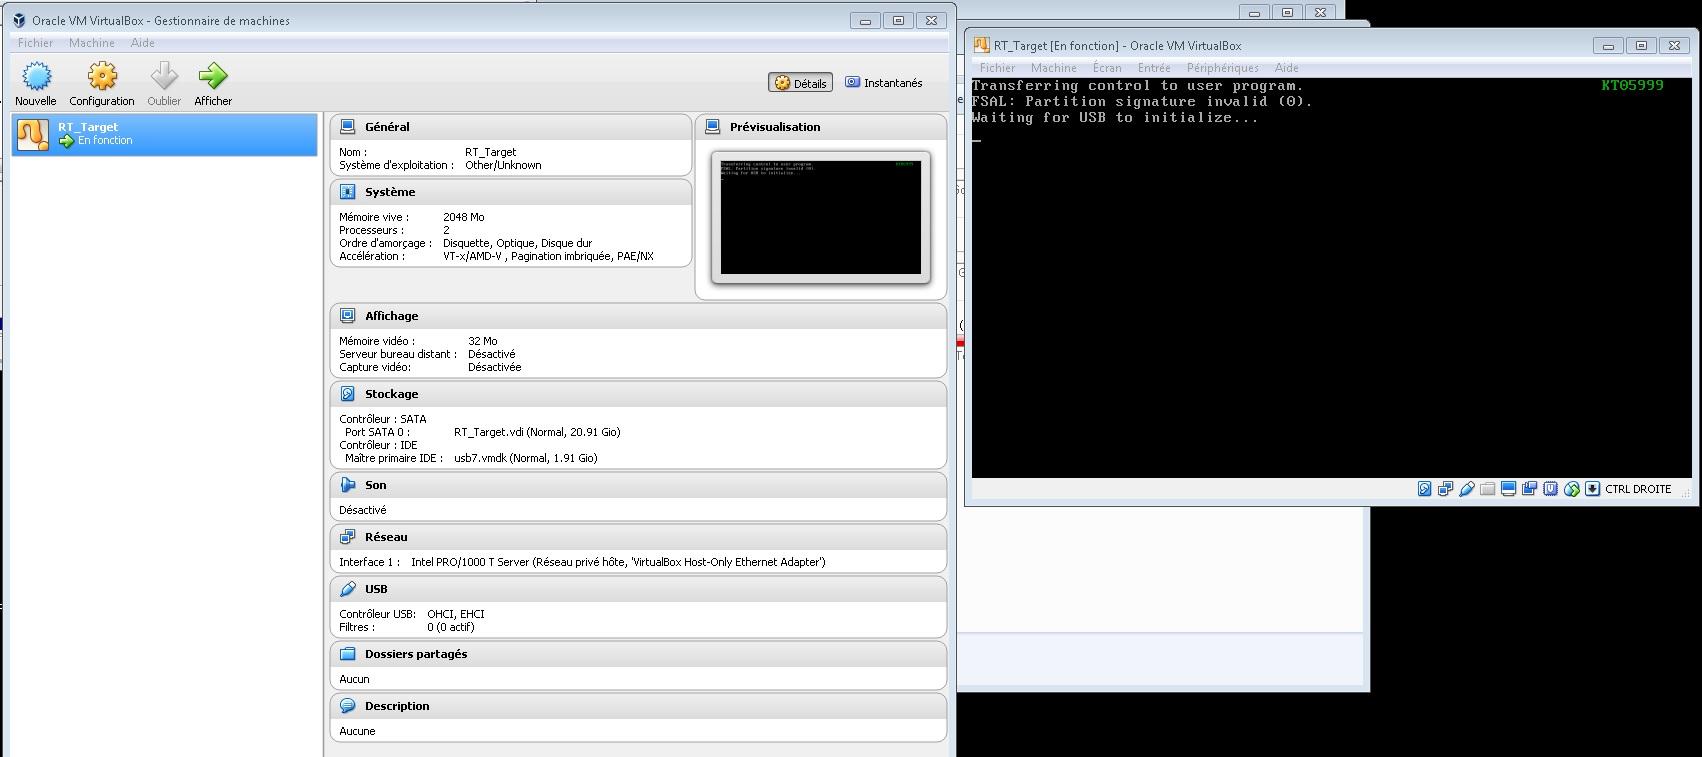 VM_Screenshot1.jpg